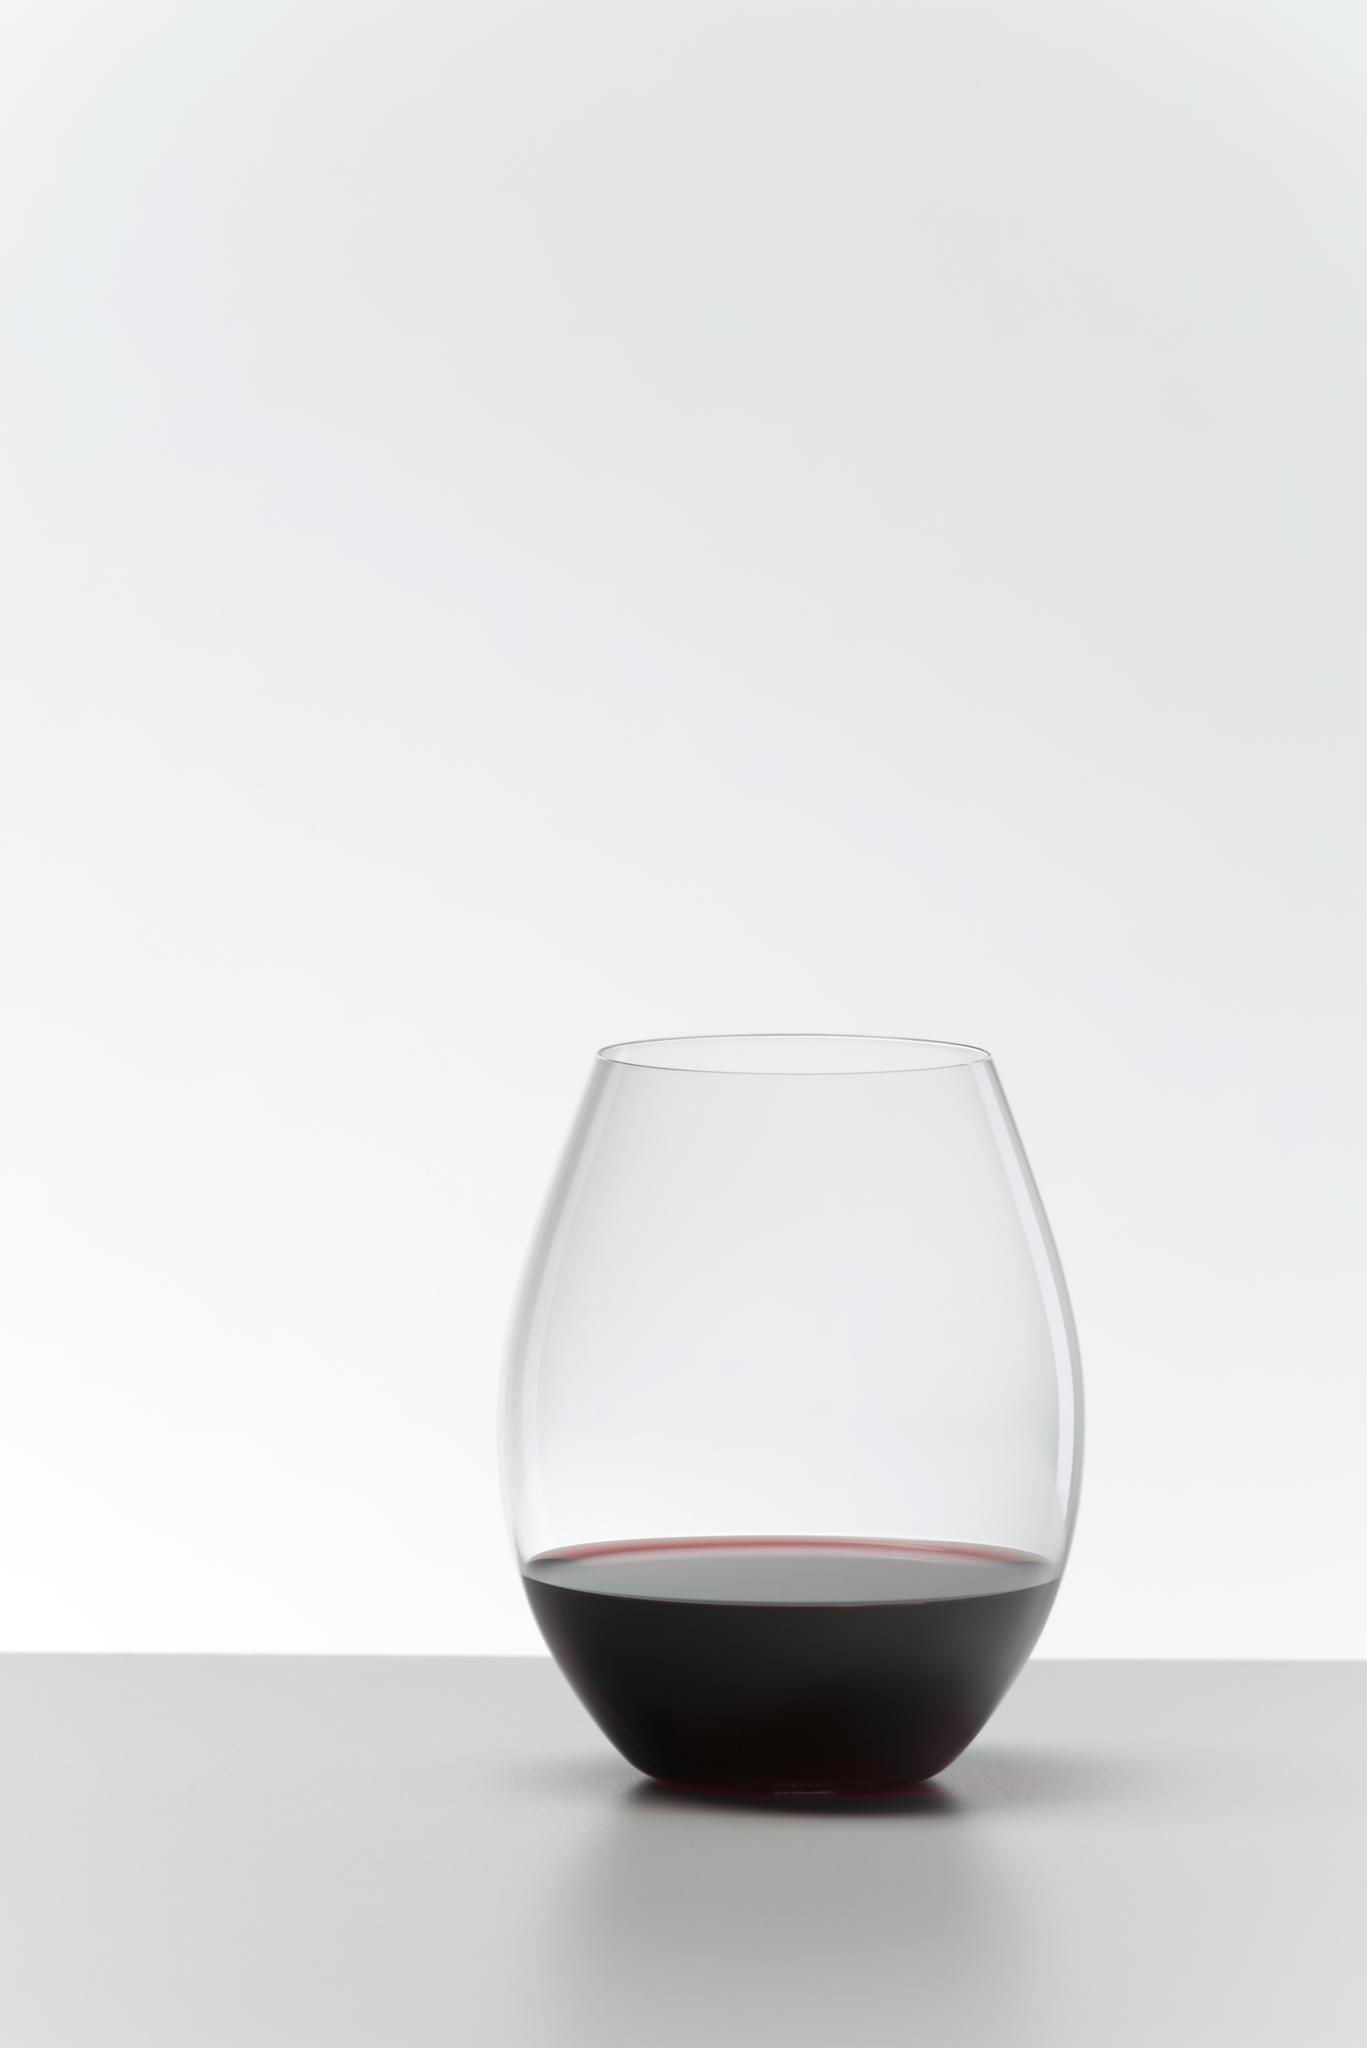 Бокалы Набор бокалов для красного вина 2шт 570мл Riedel The Big O Wine Tumbler Syrah nabor-bokalov-dlya-krasnogo-vina-2-sht-570-ml-riedel-the-big-o-wine-tumbler-syrah-avstriya.jpg